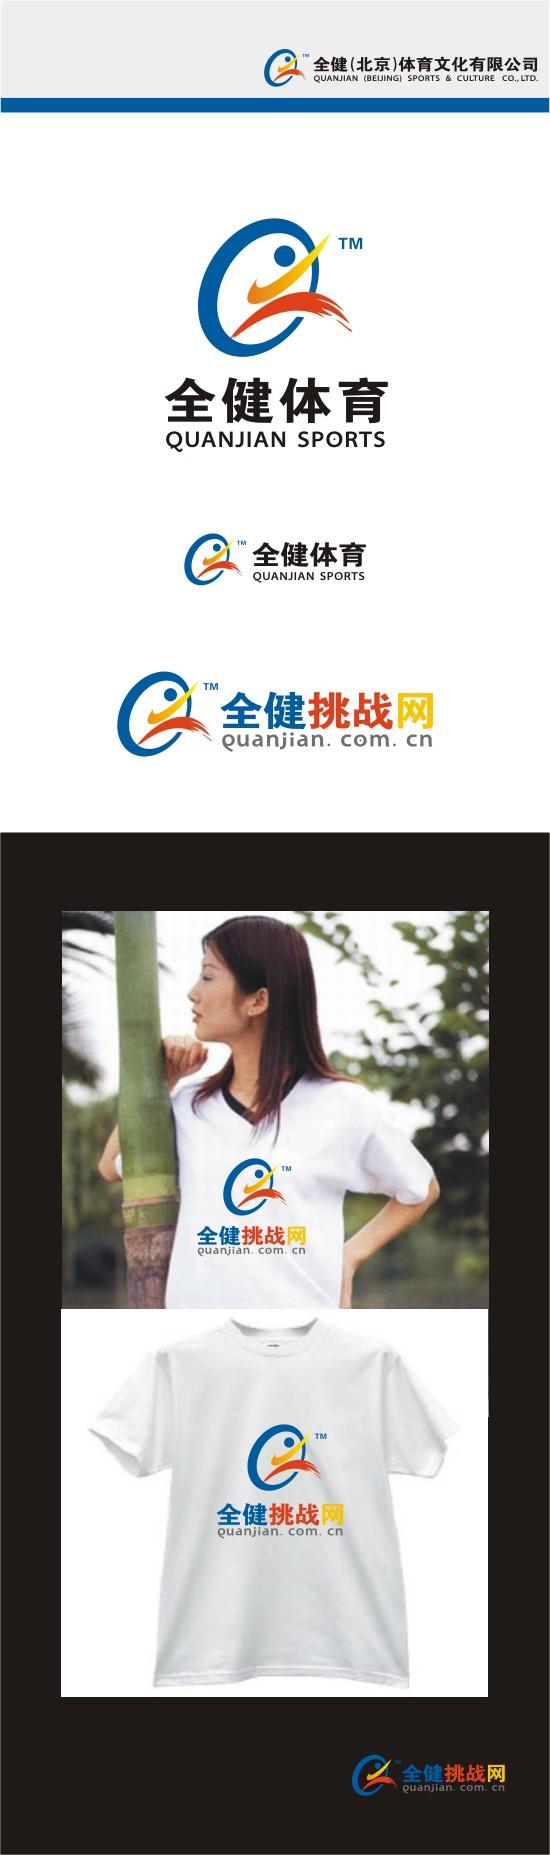 体育文化有限公司logo及名片设计_298317_k68威客网